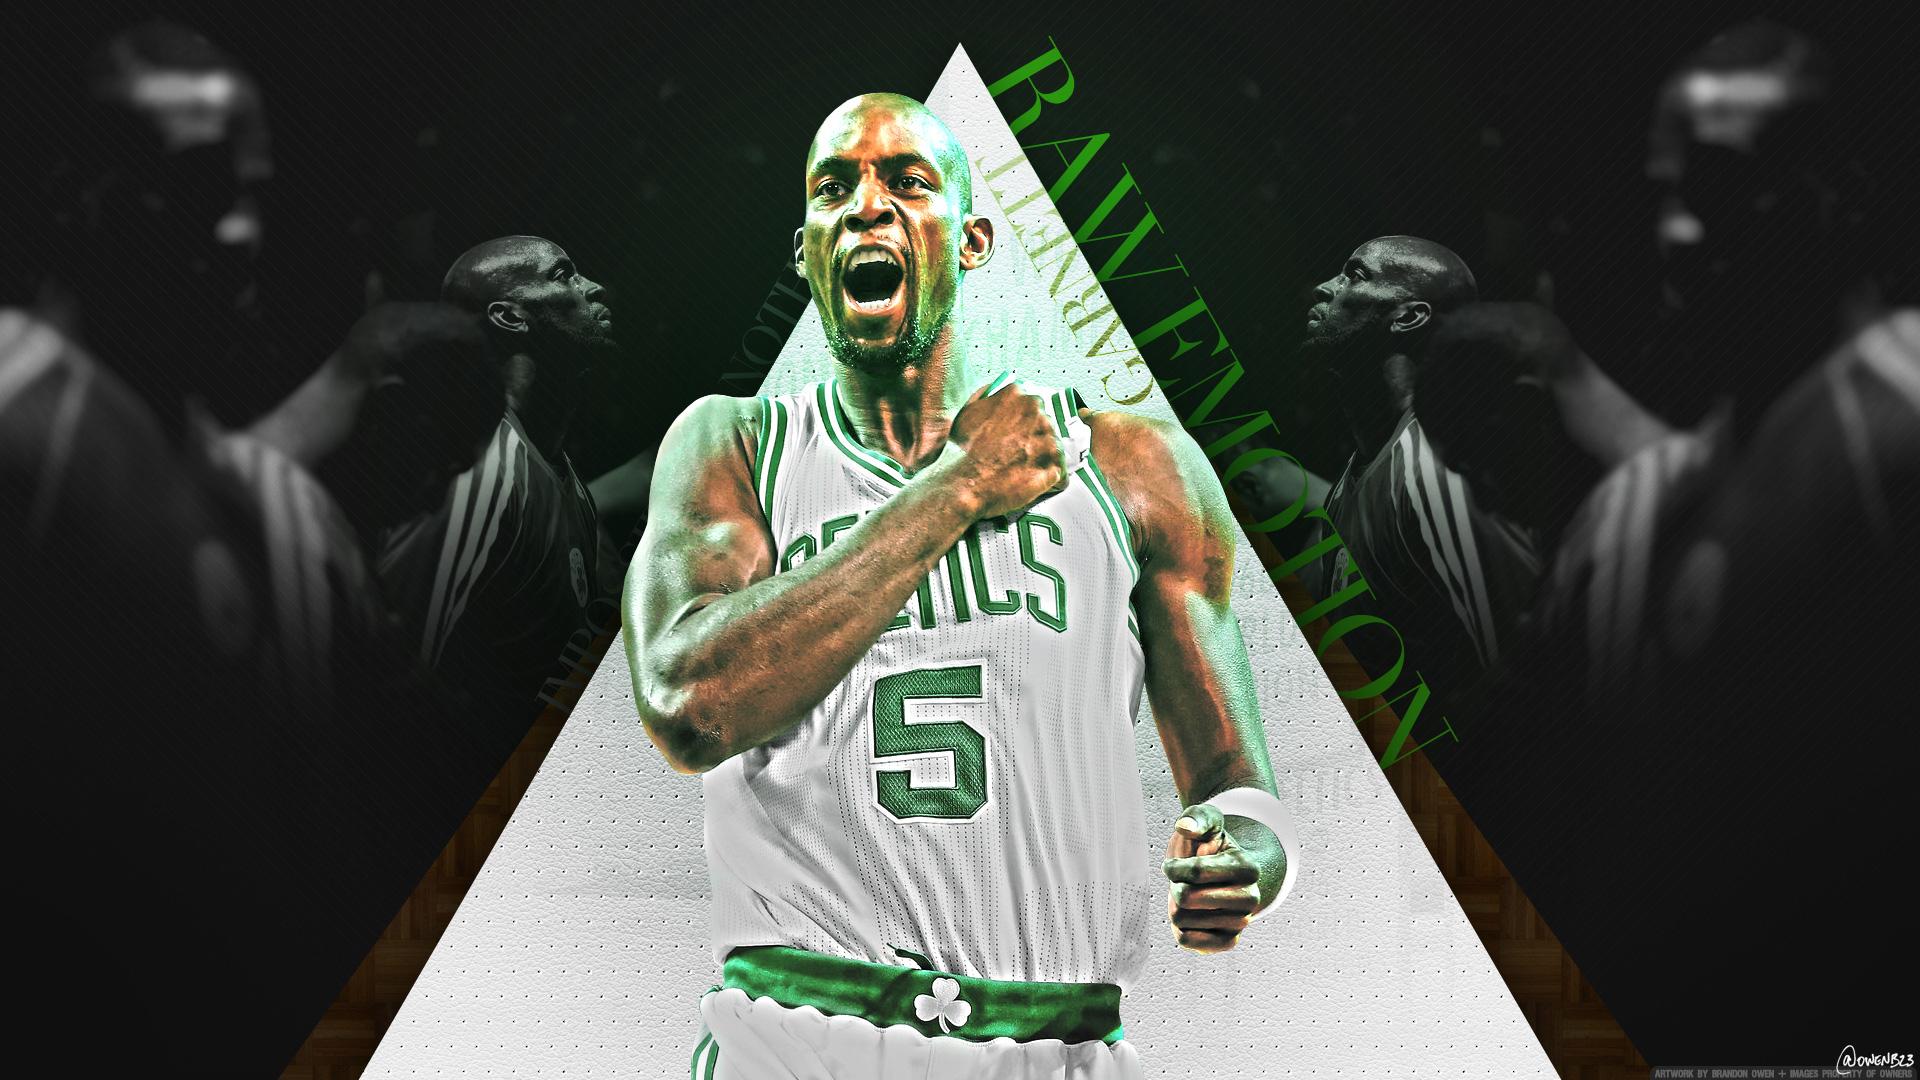 Kevin Garnett Celtics 2013 Wallpaper Wallpupcom 1920x1080